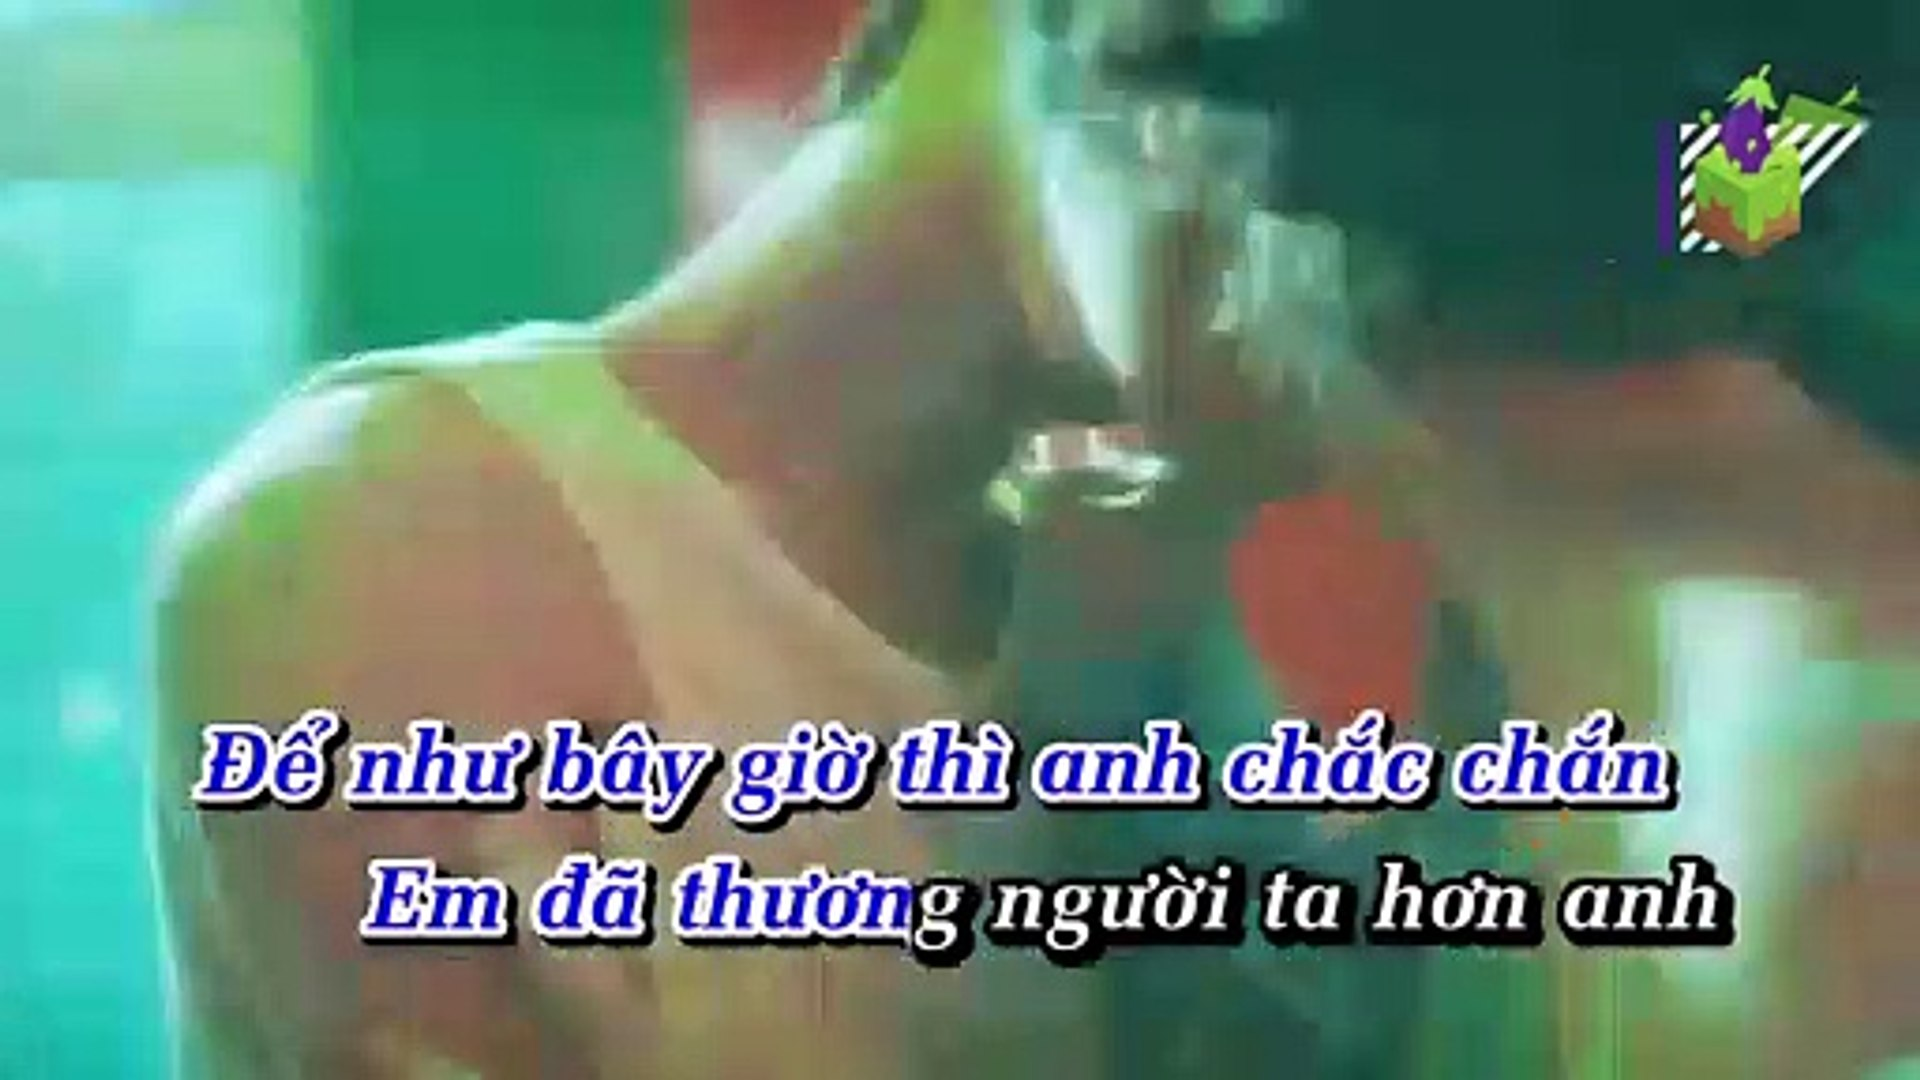 [Karaoke] Em Đã Thương Người Ta Hơn Anh - Noo Phước Thịnh [Beat Gốc]